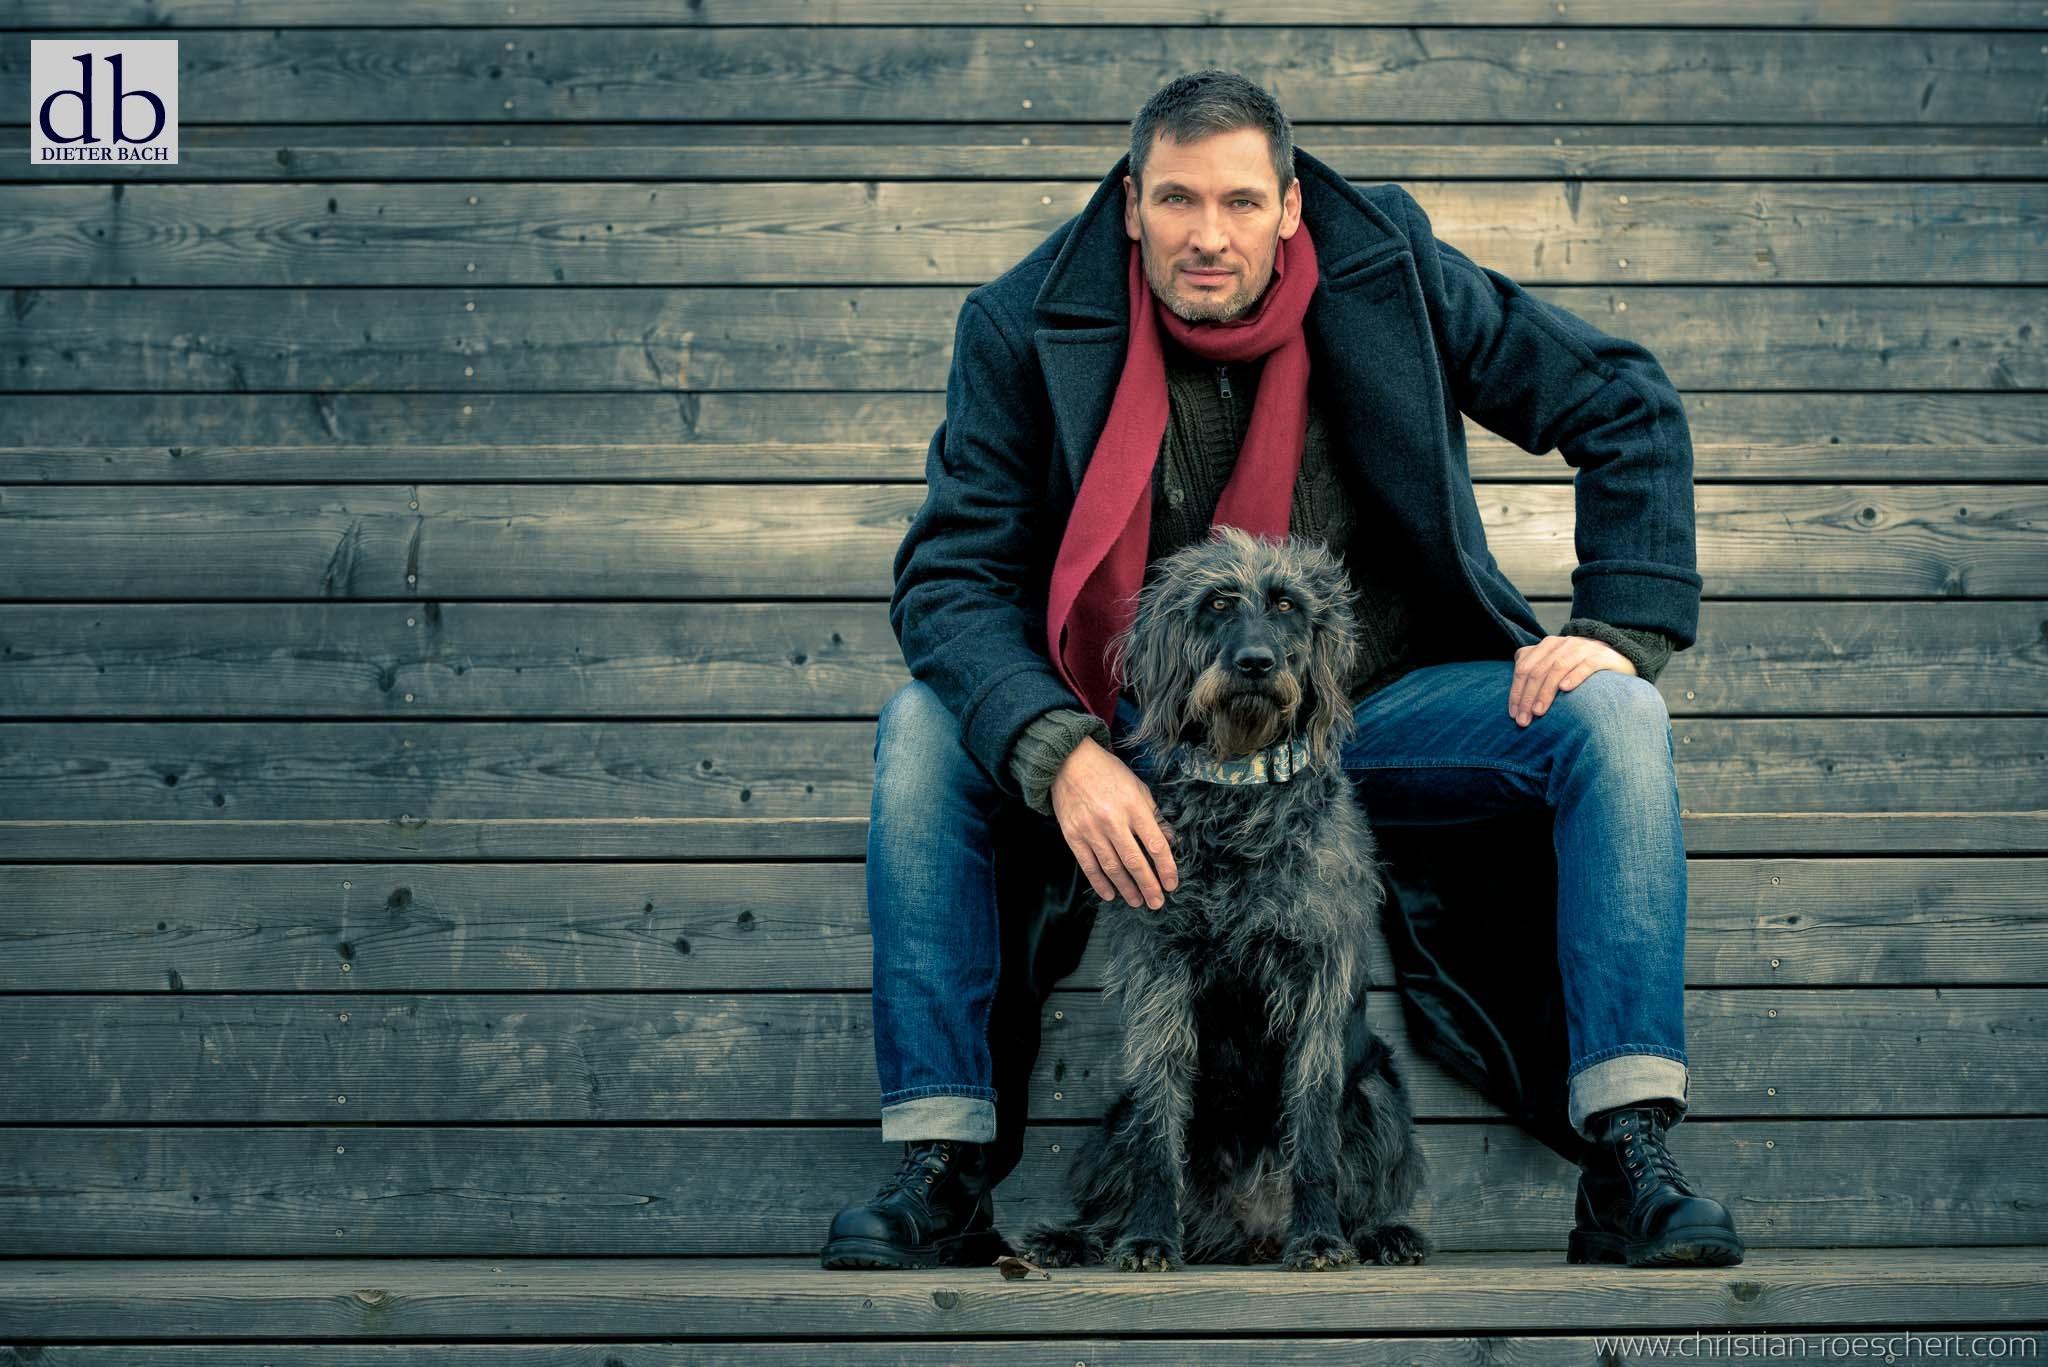 Dieter Bach Partnerin